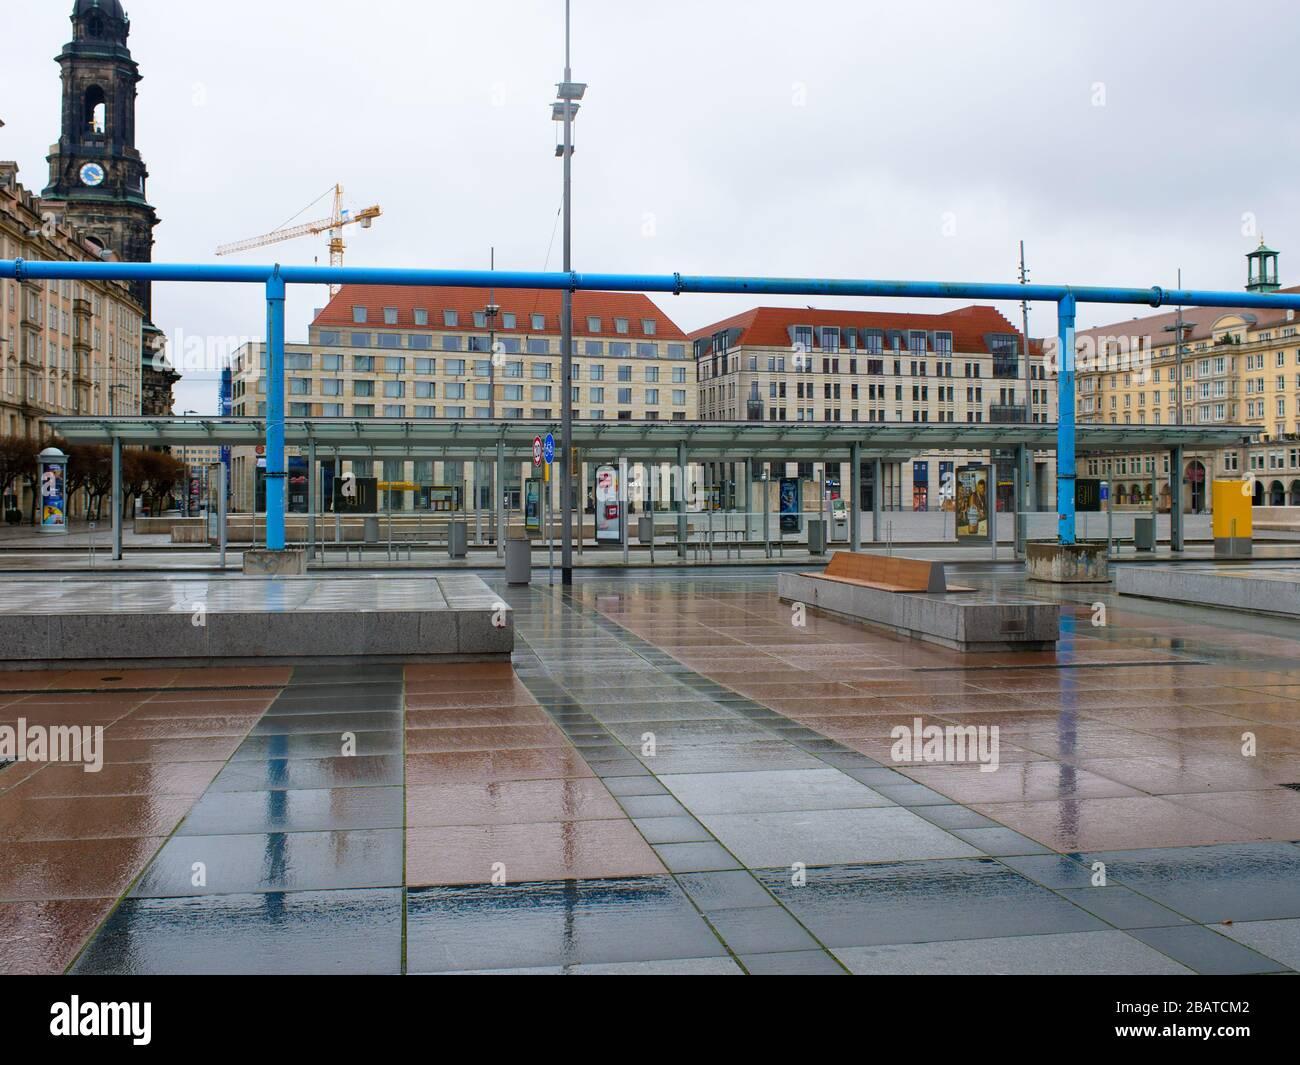 Platz vor dem Kulturpalast in Dresden während Coronavirus Lockdown Wilsdruffer Straße leere Bänke und leere Haltestelle im Regen Stock Photo